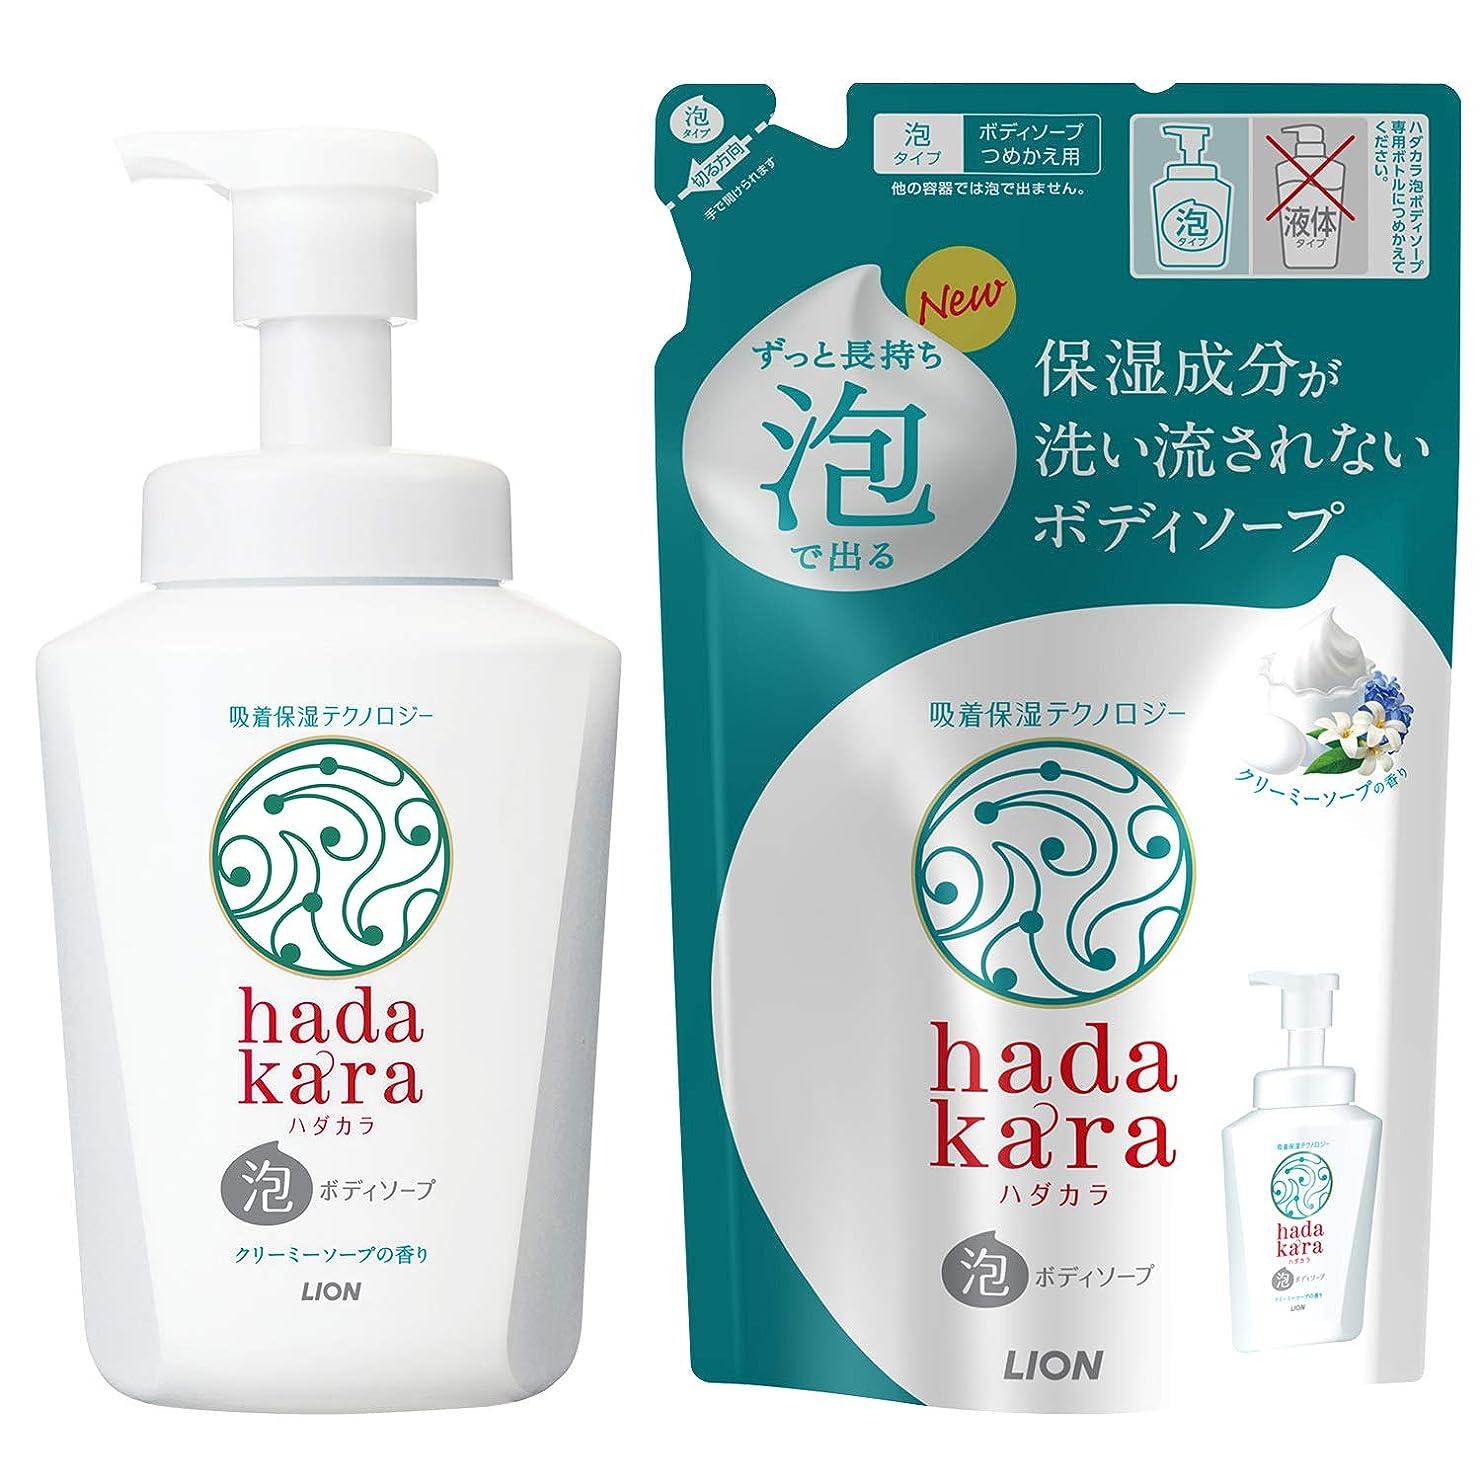 春実用的男らしさhadakara(ハダカラ) ボディソープ 泡タイプ クリーミーソープの香り 本体550ml+詰替440ml